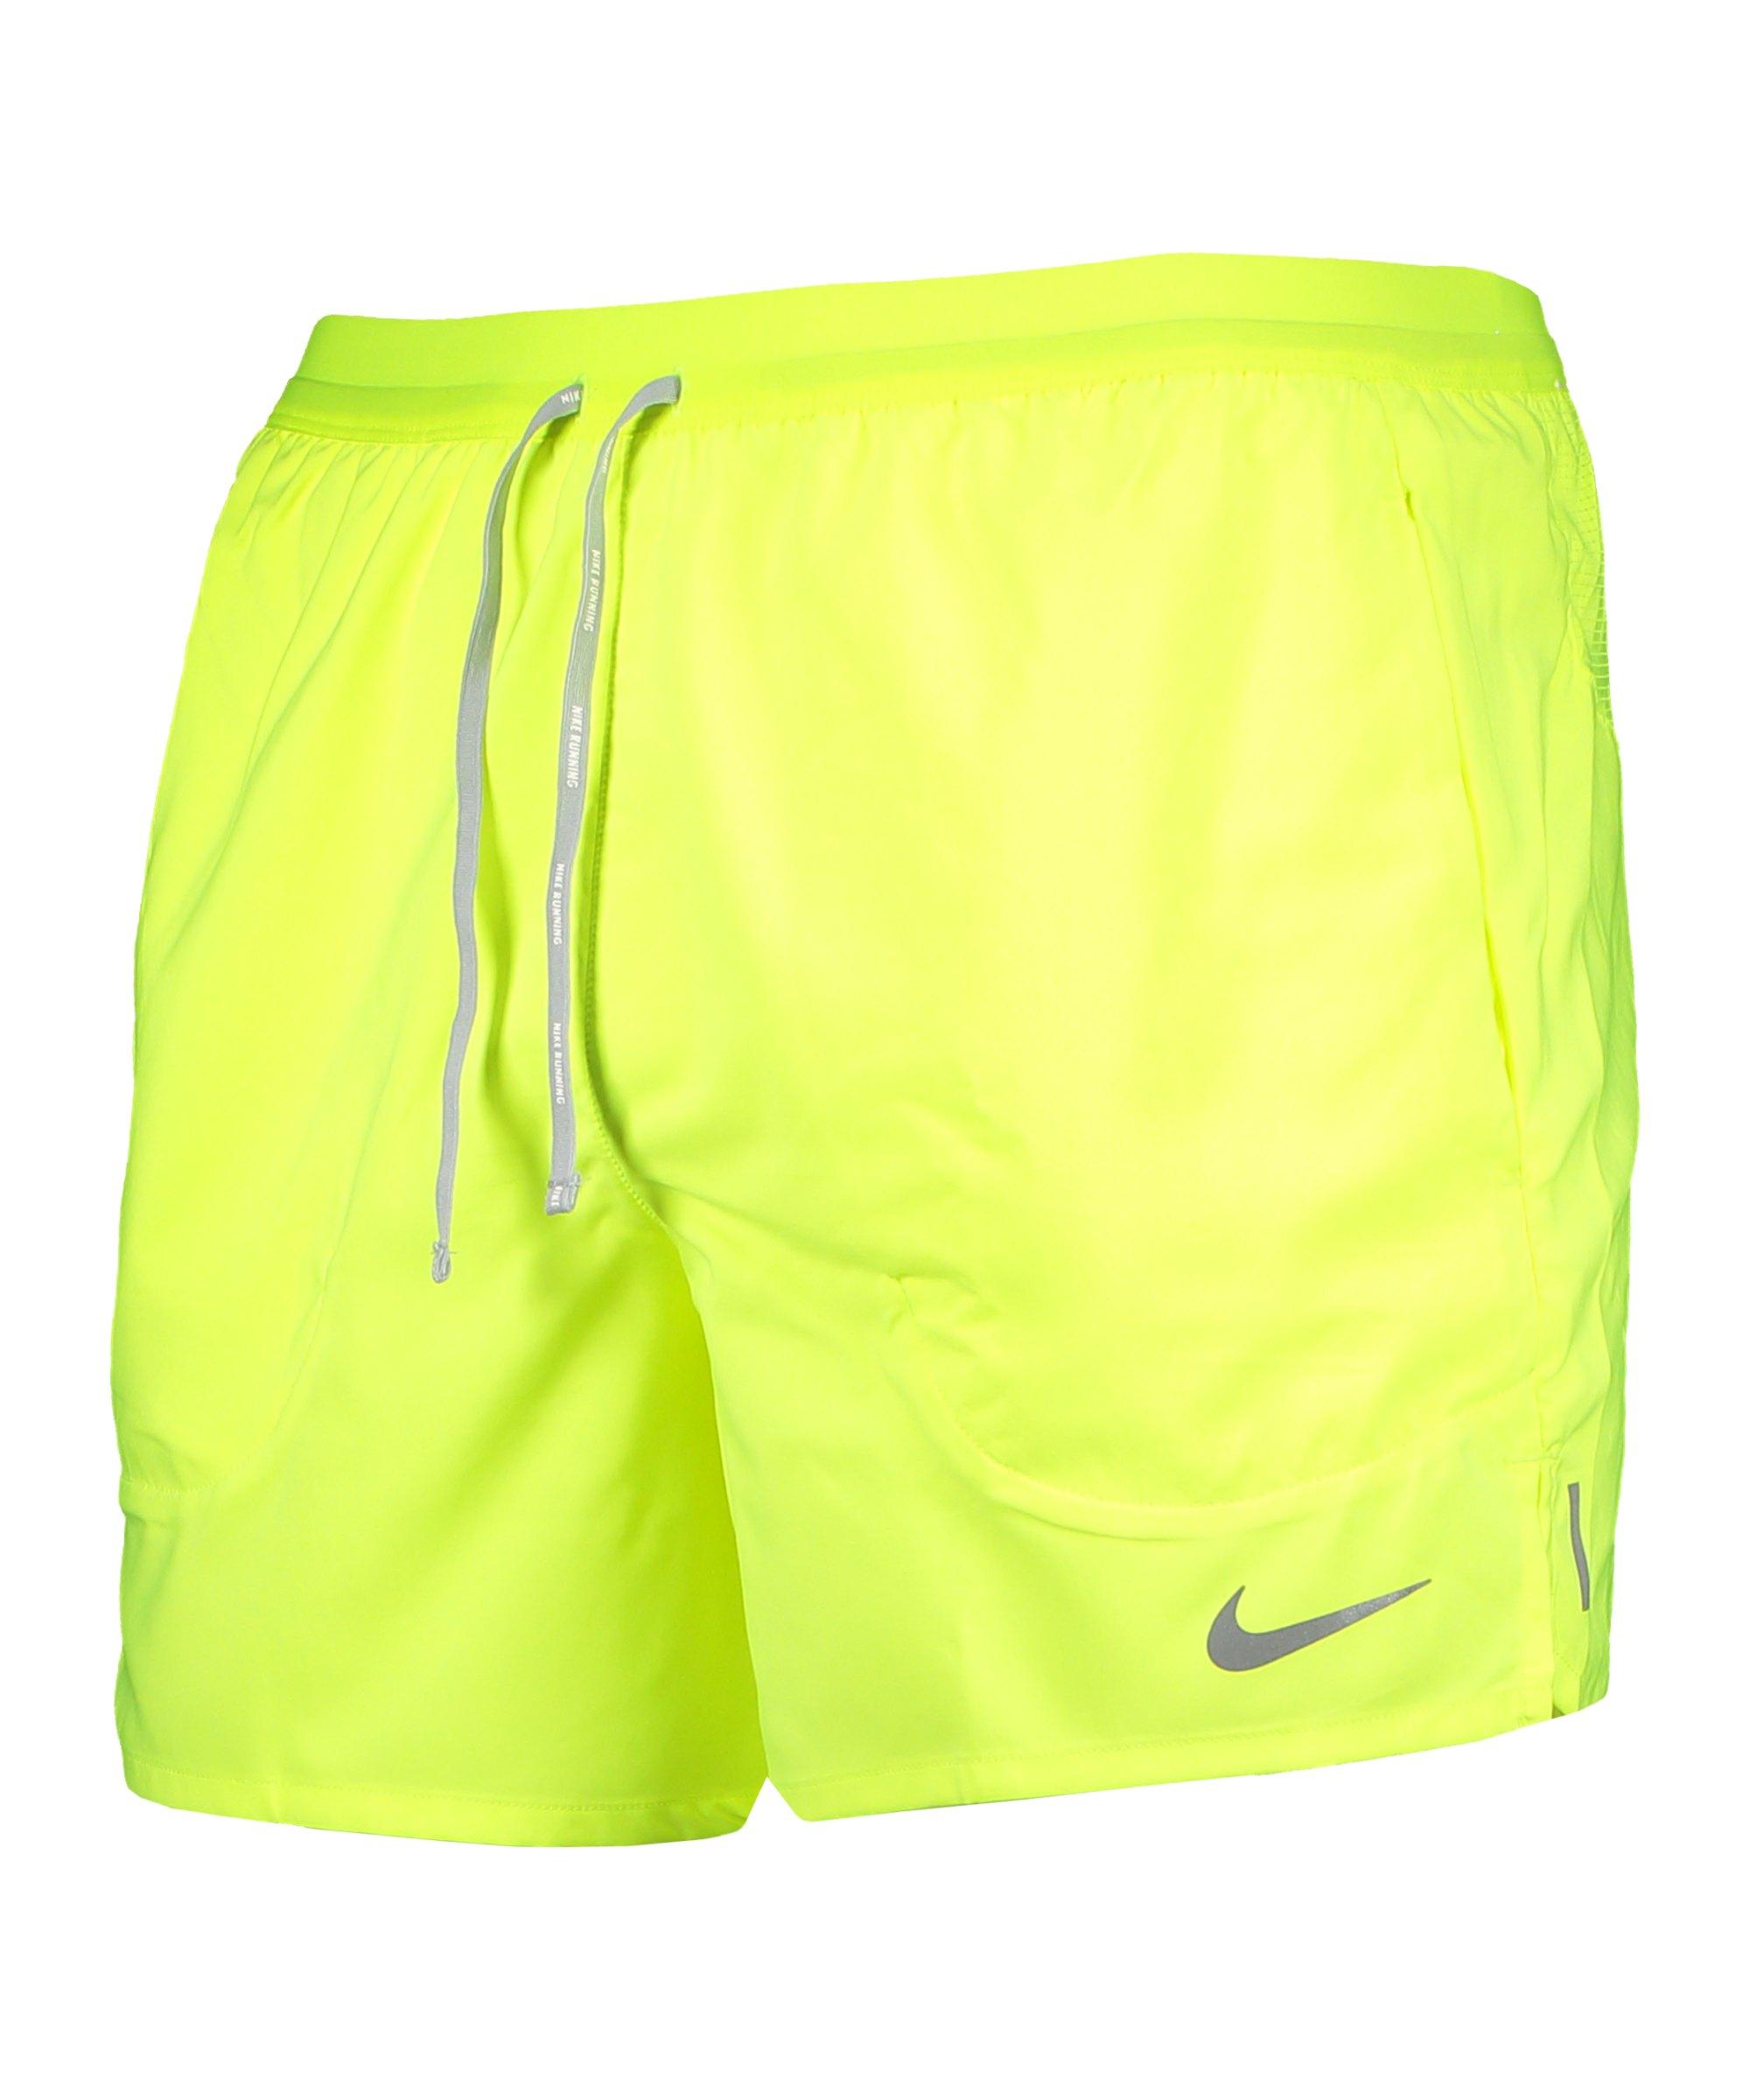 Nike Flex Stride 5in Short Running Gelb F702 - gelb